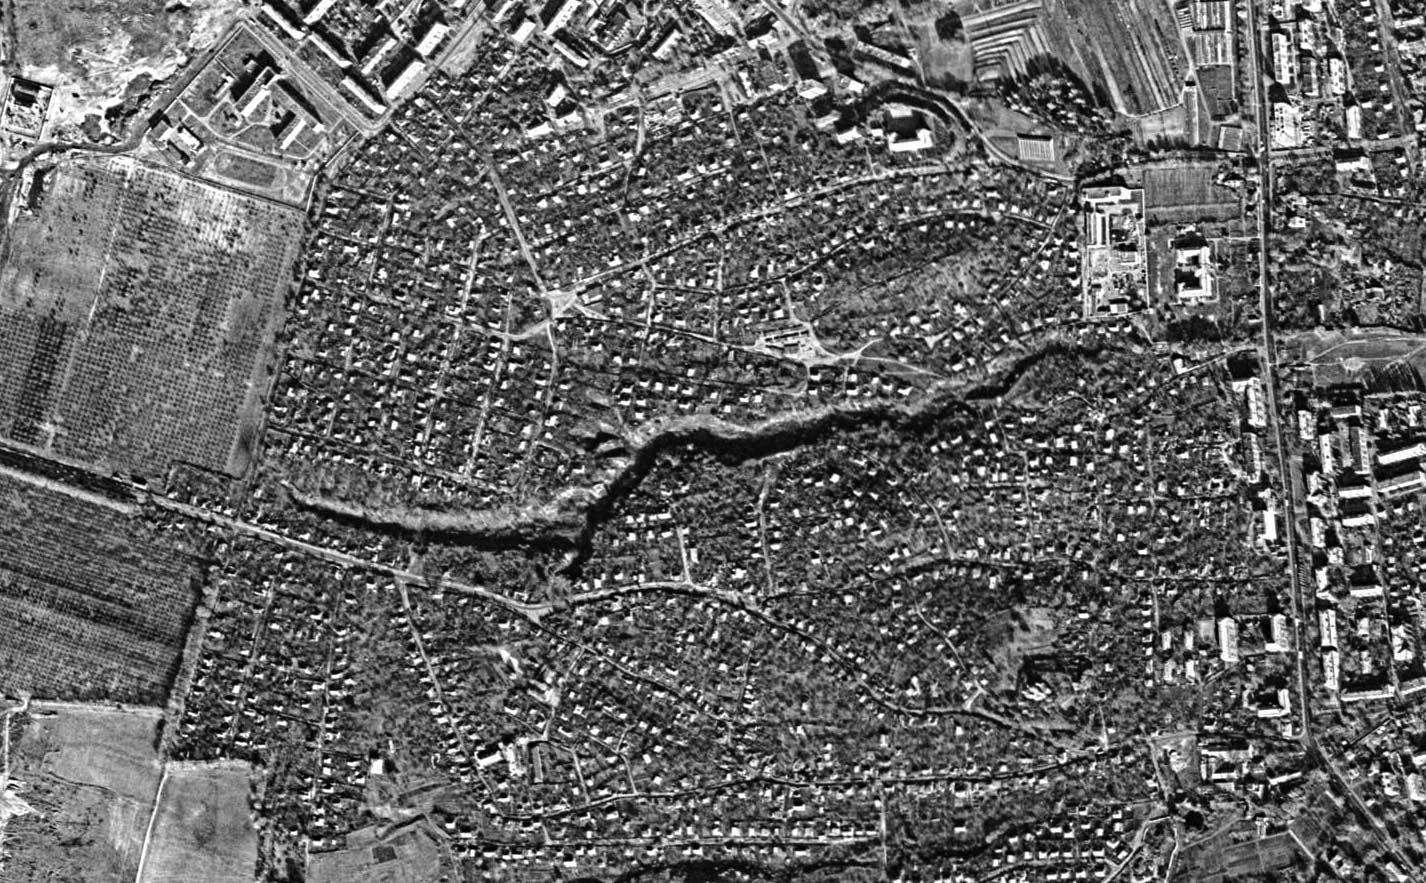 priorka 1972 - <b>Ради массового жилья в Киеве уничтожили десятки поселений.</b> Рассказываем, как это было - Заборона